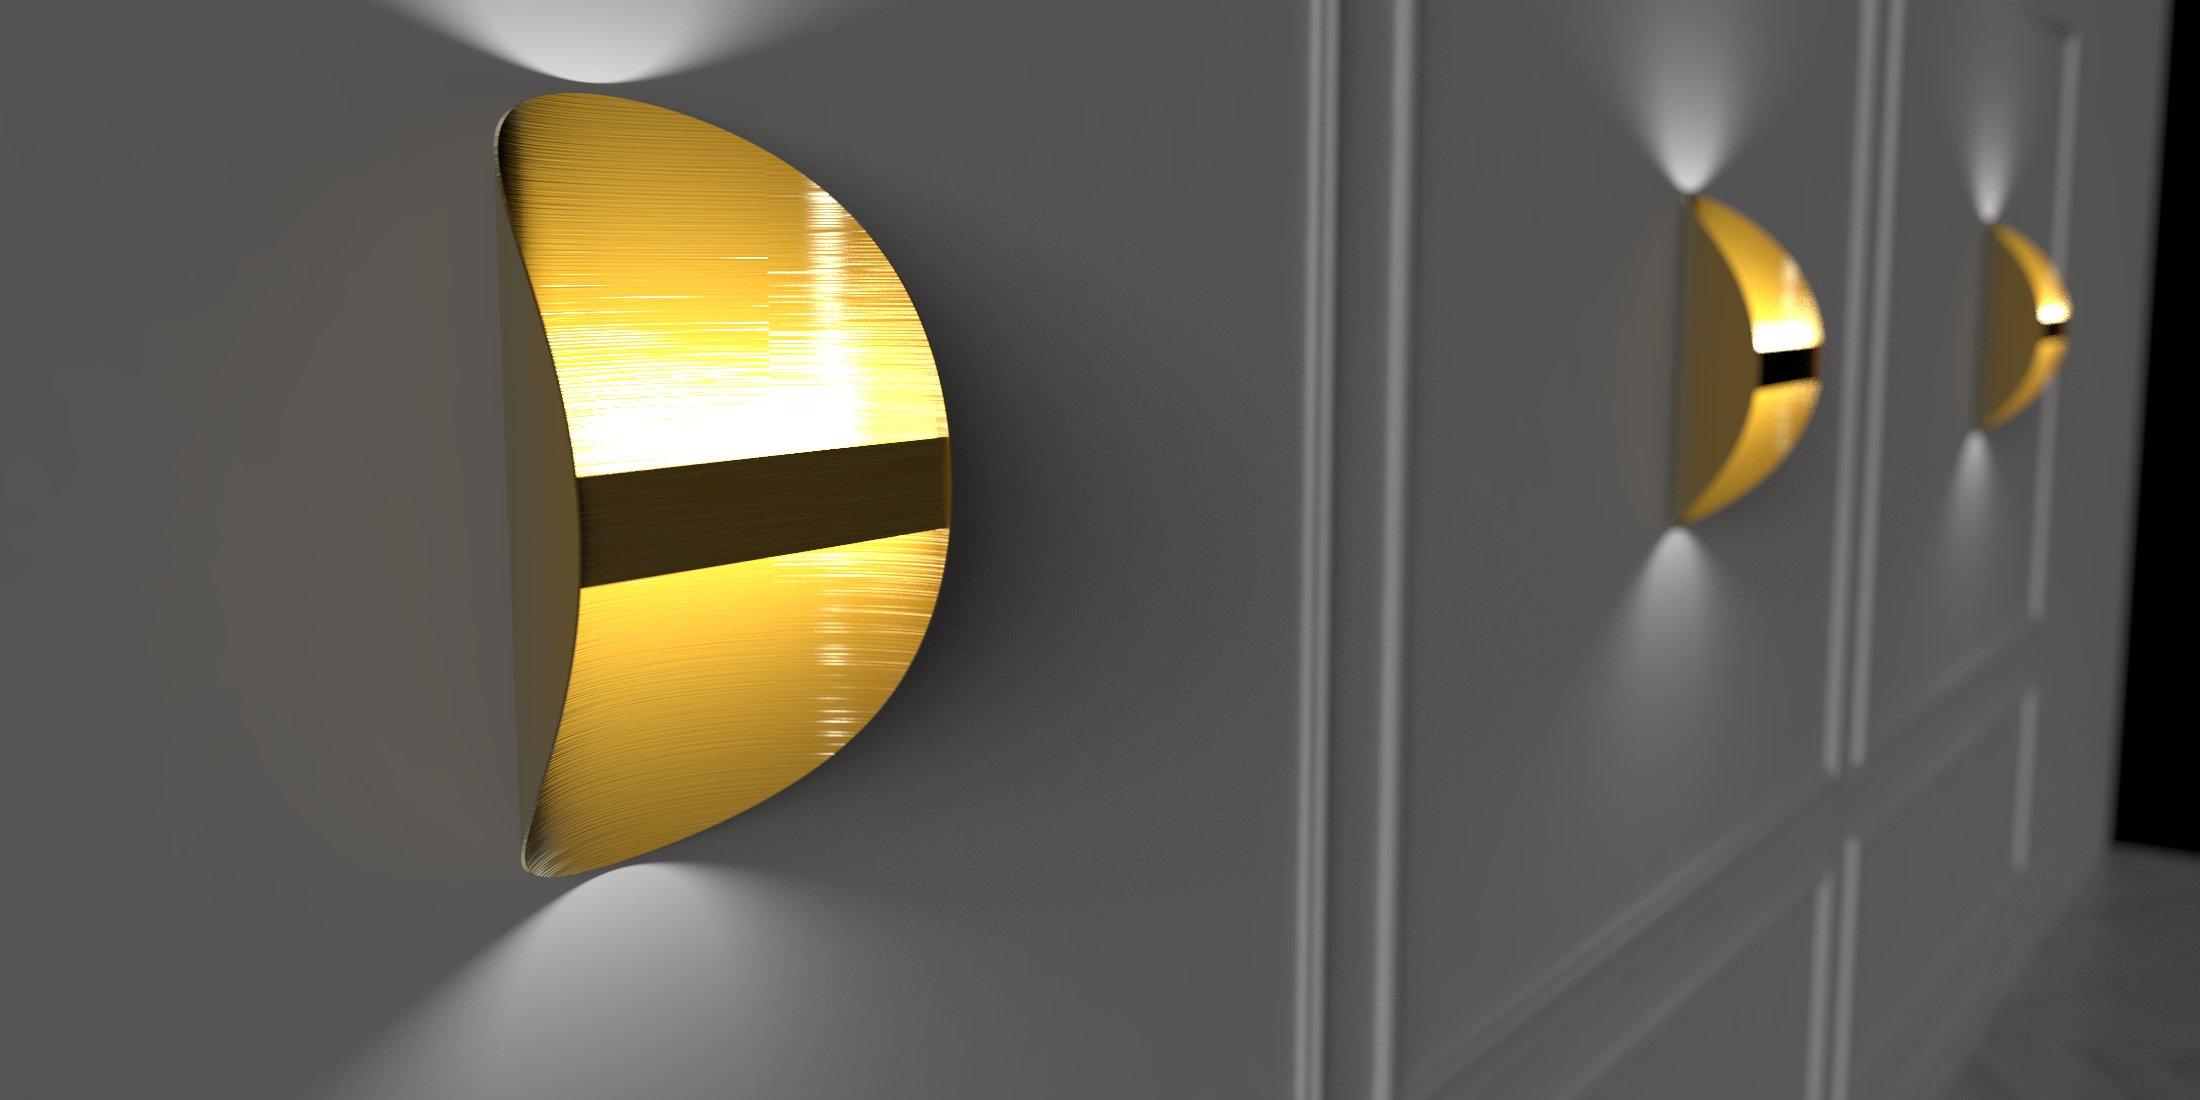 Aplique laton diseño iluminacion deco